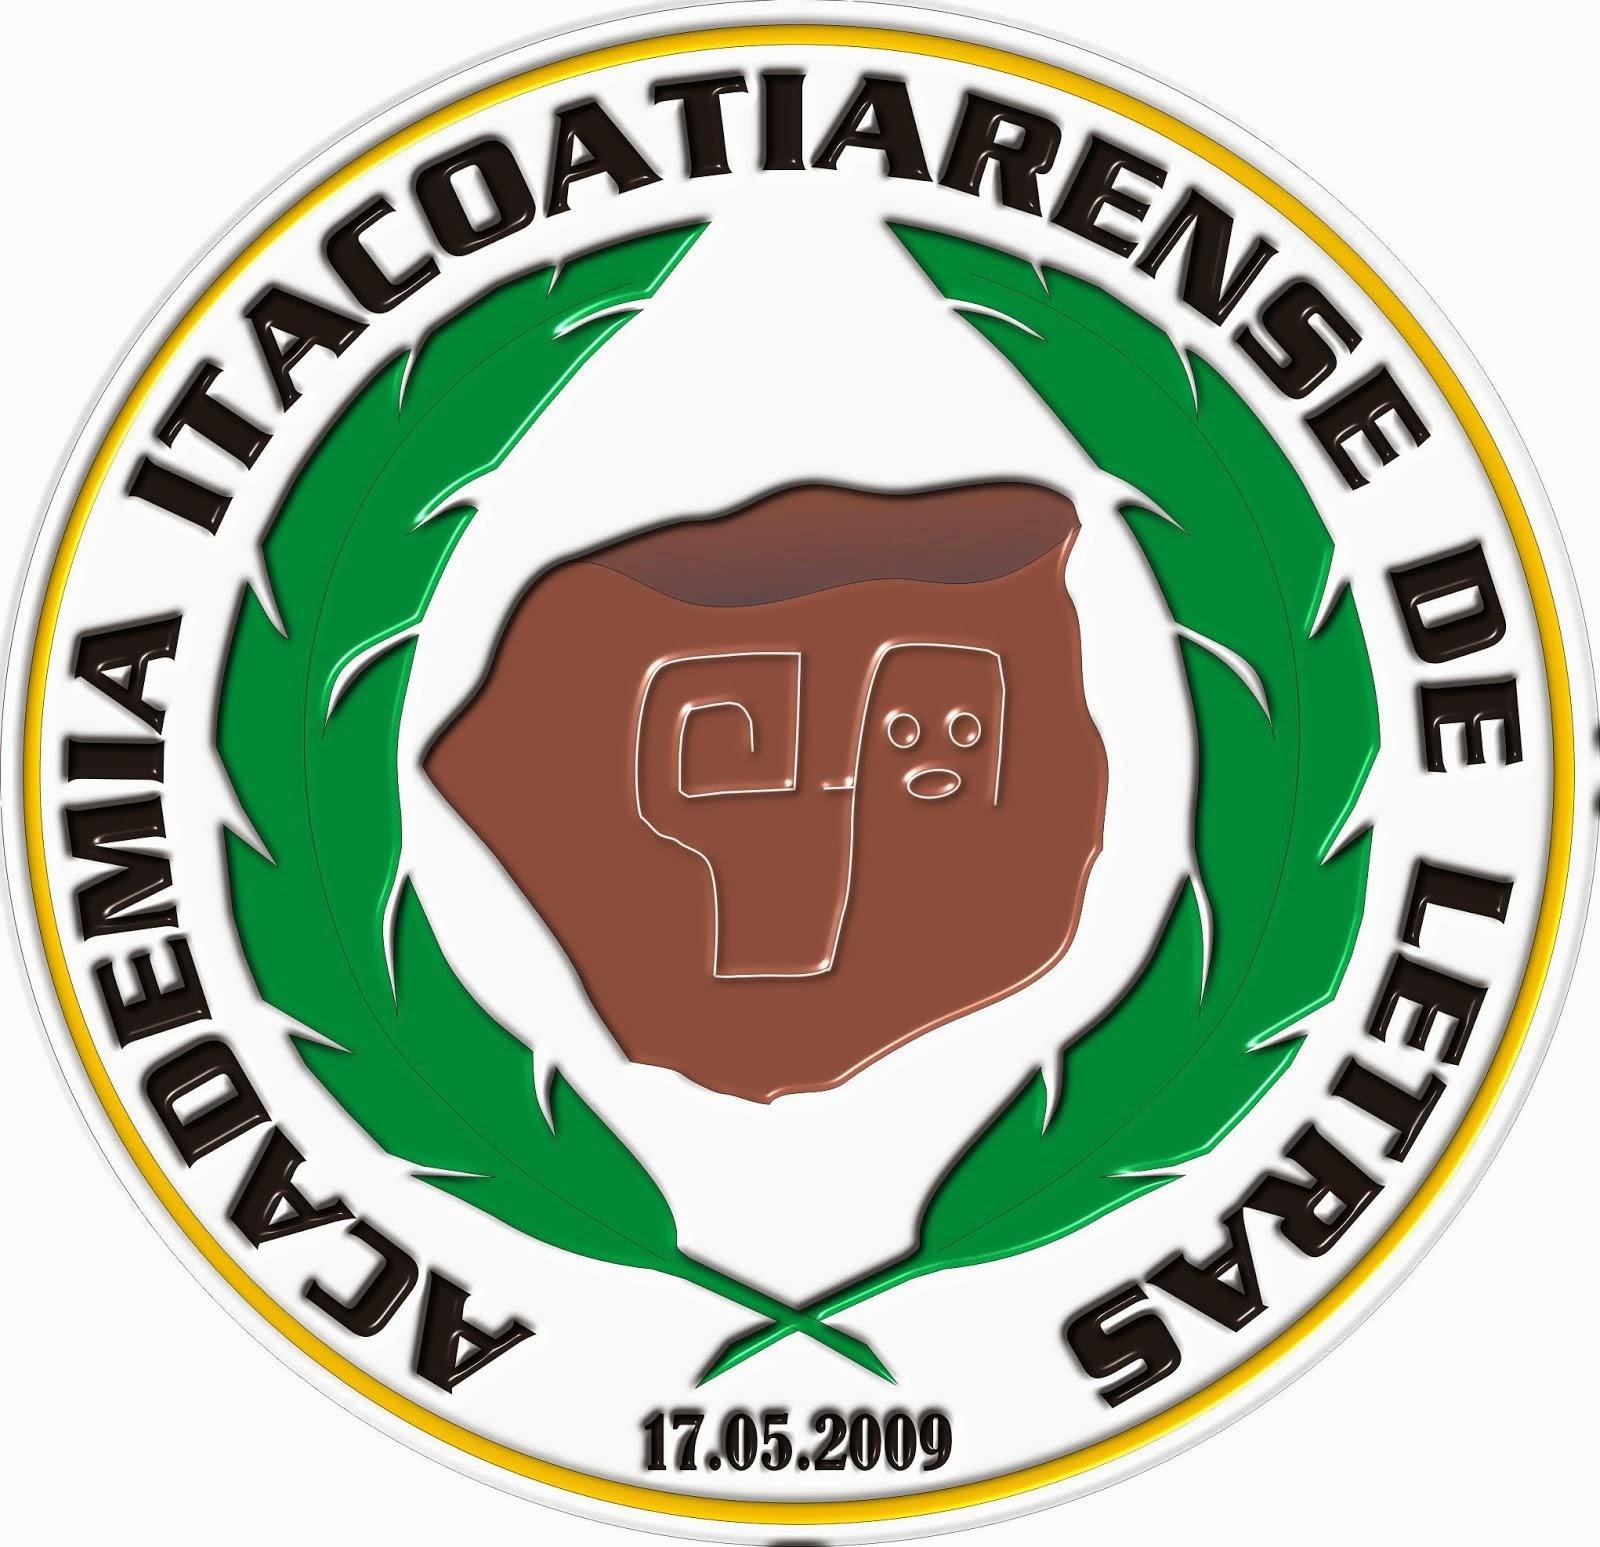 Academia Itacoatiarense de Letras